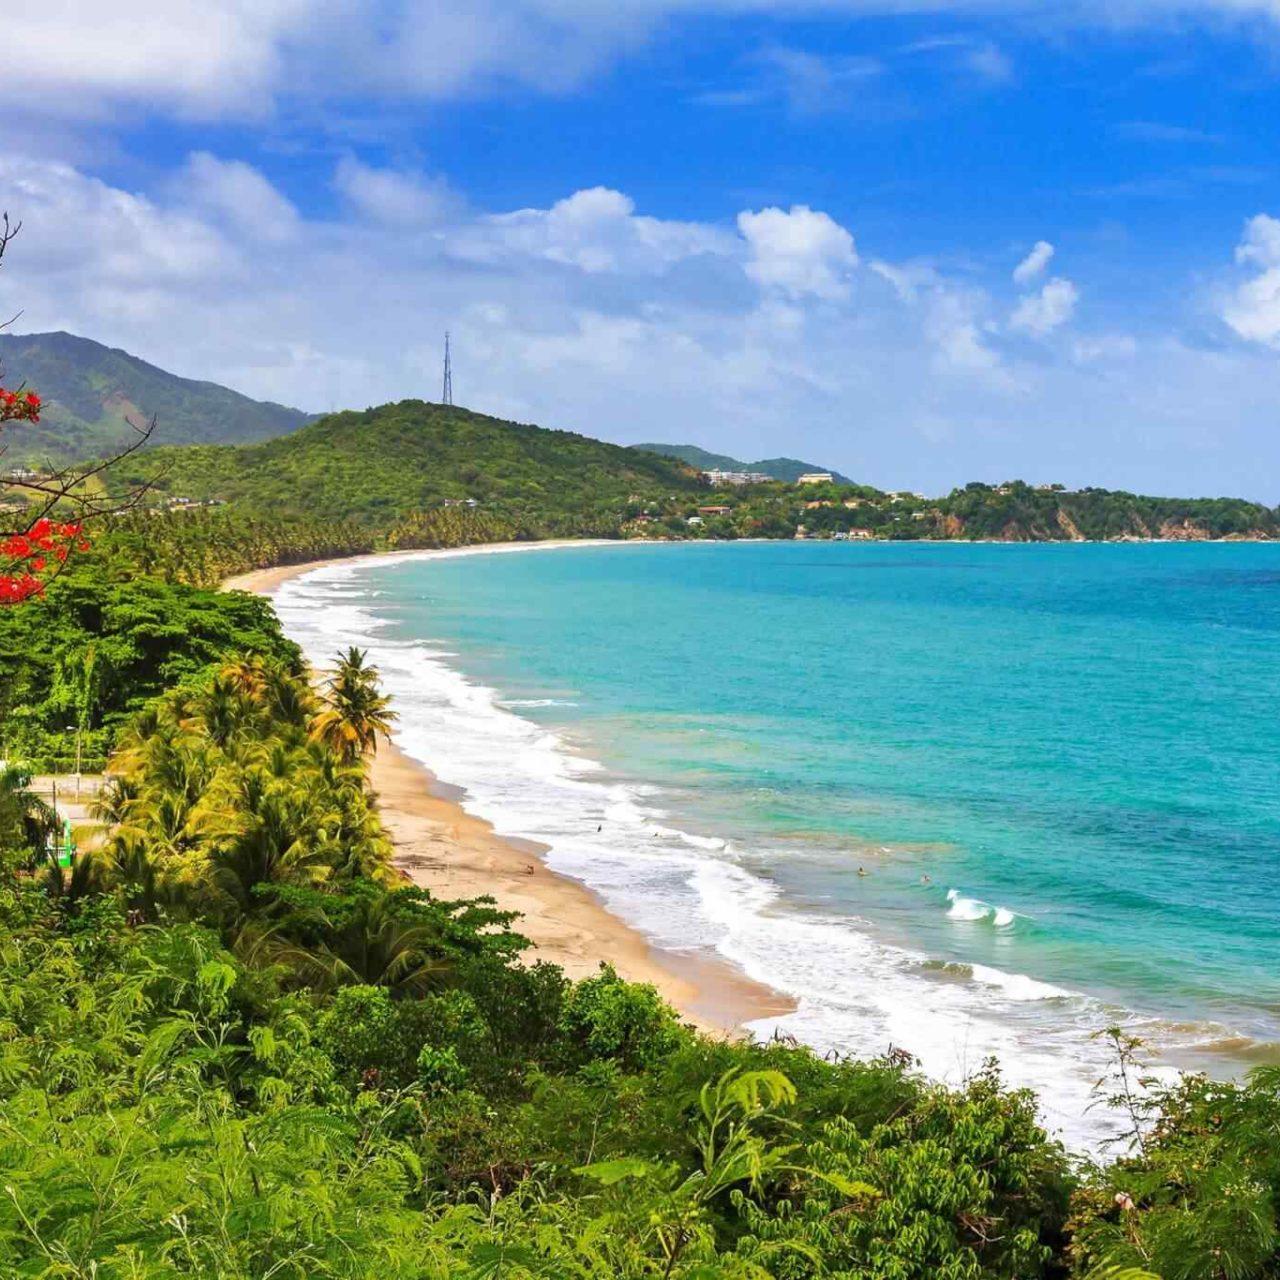 https://www.banitours.com/wp-content/uploads/2018/09/destination-puerto-rico-01-1280x1280.jpg